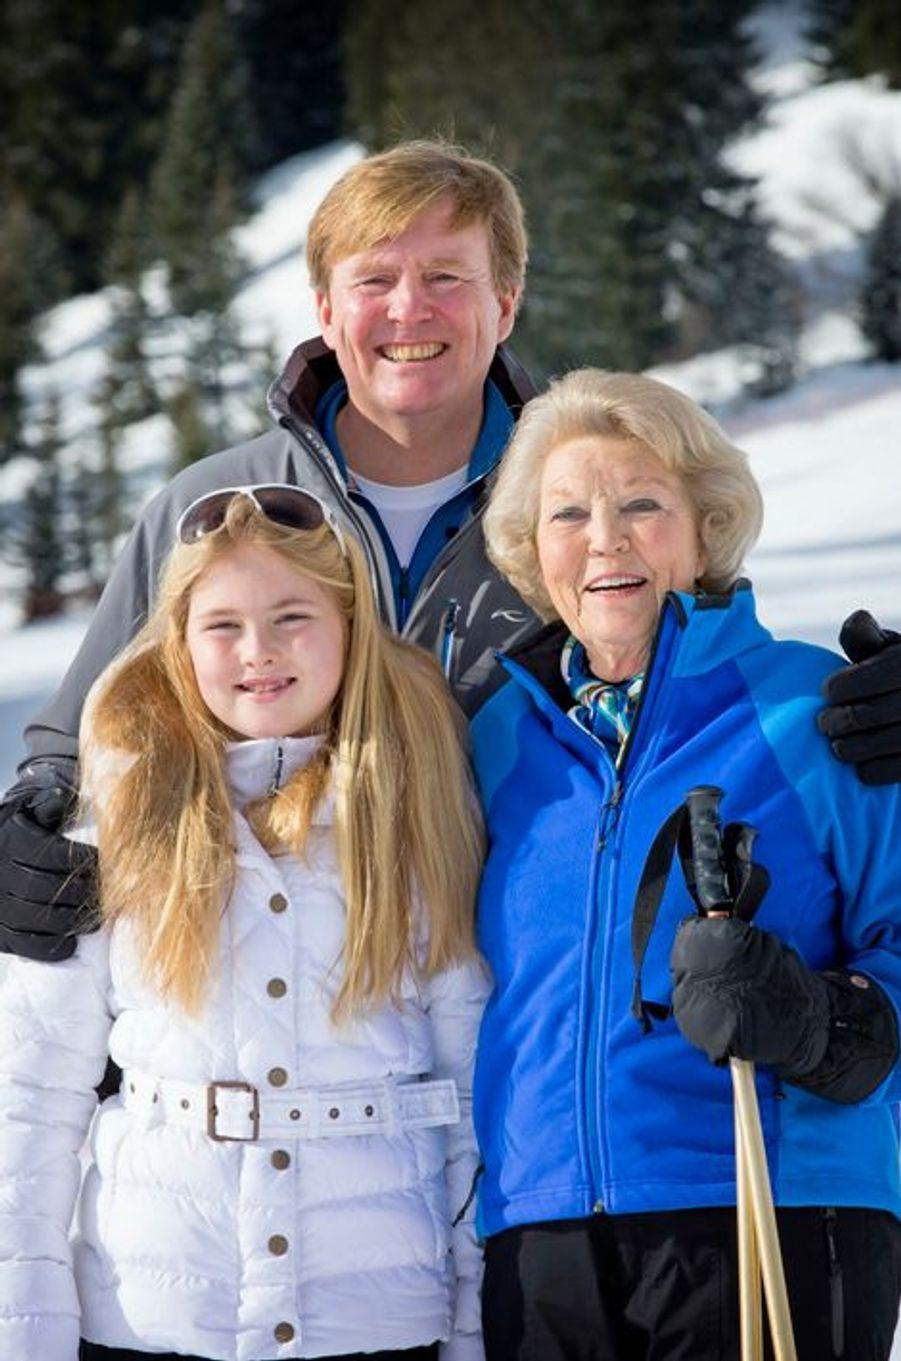 Le roi Willem-Alexander avec sa mère l'ex-reine Beatrix et sa fille aînée la princesse Catharina-Amalia à Lech, le 23 février 2015